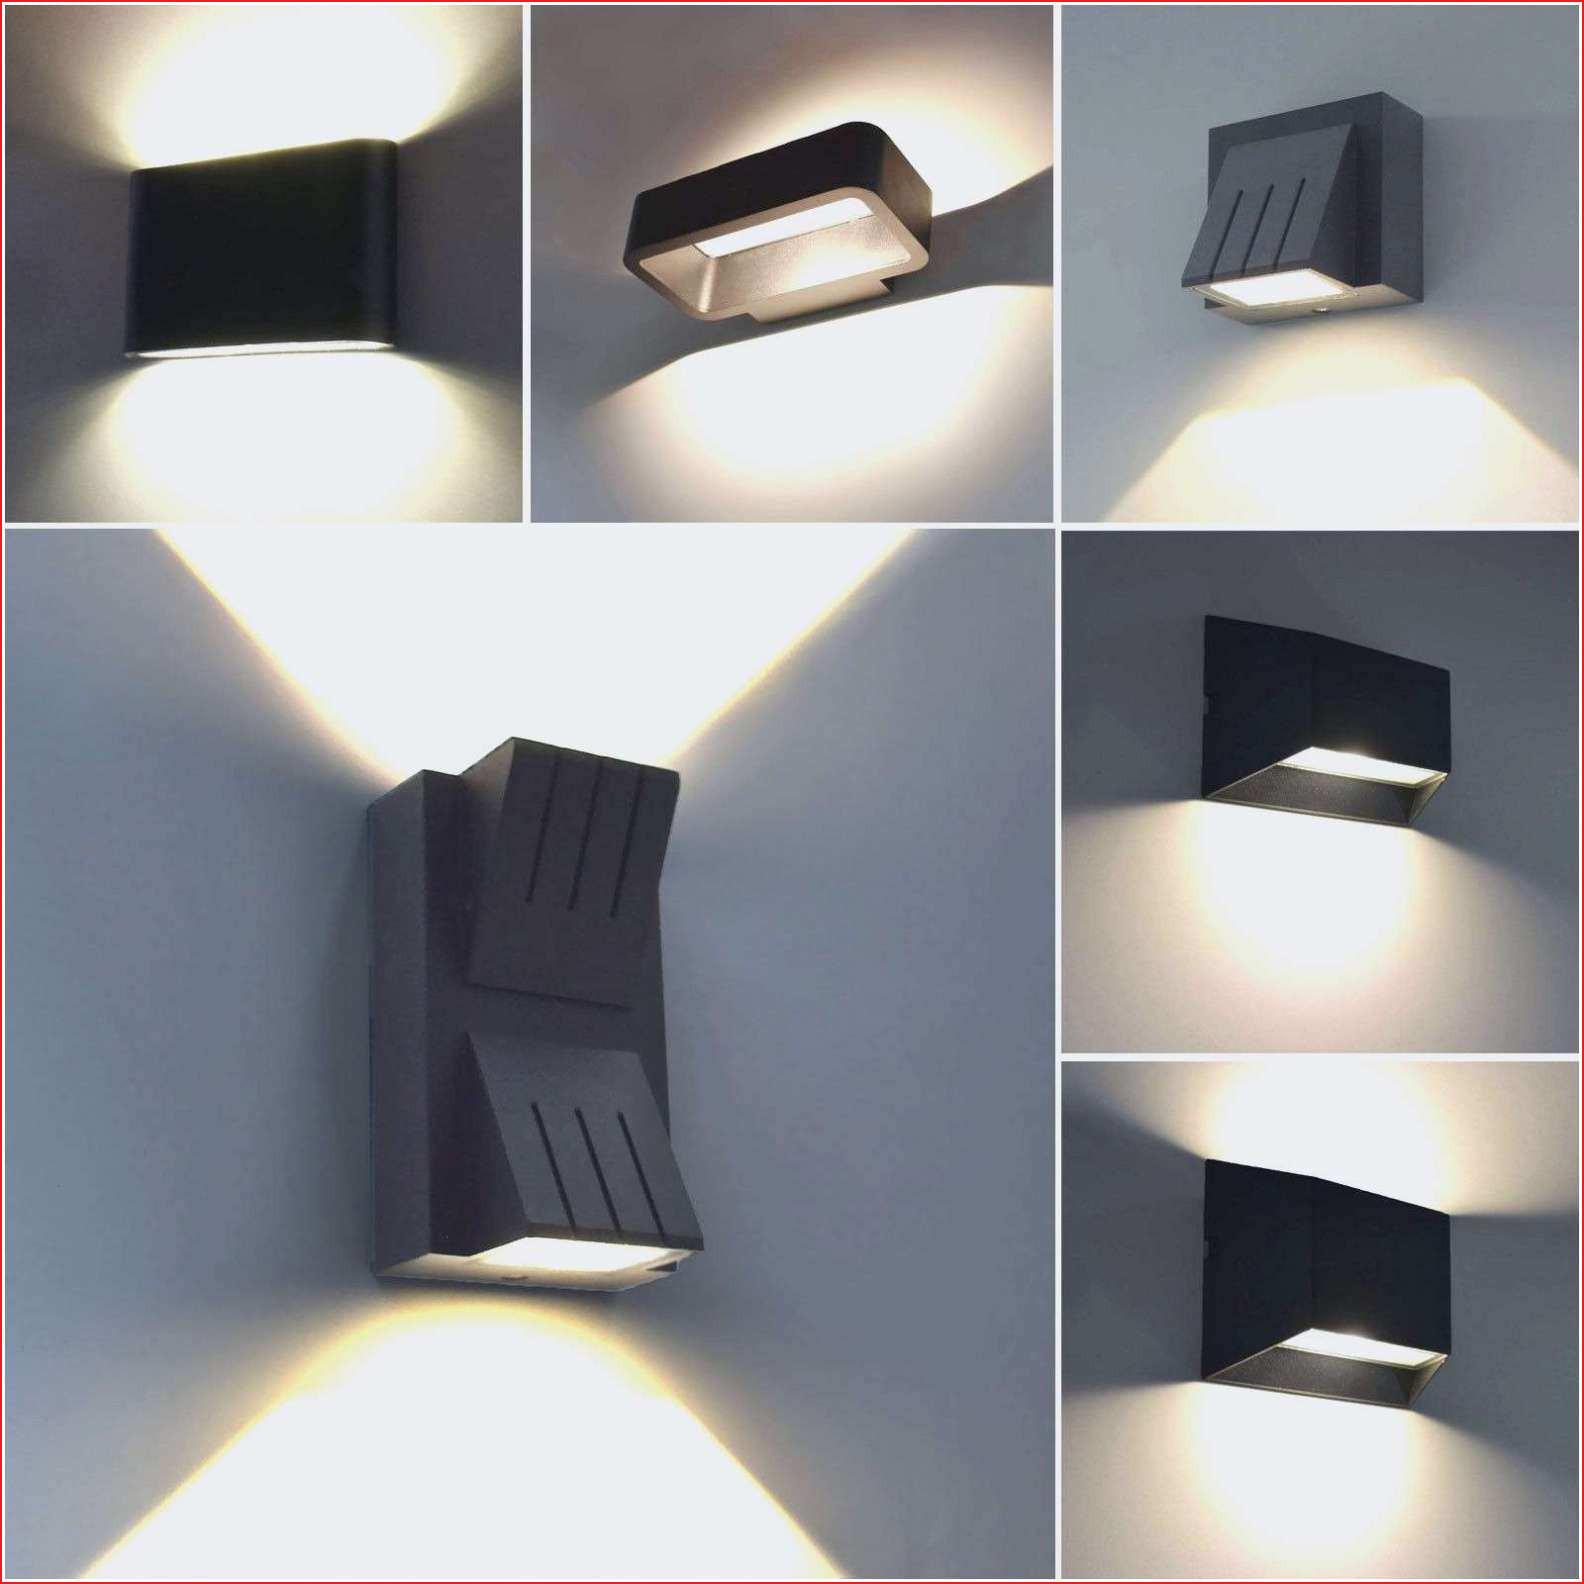 Full Size of Wohnzimmerlampen Ikea Küche Kosten Sofa Mit Schlaffunktion Miniküche Kaufen Betten Bei 160x200 Modulküche Wohnzimmer Wohnzimmerlampen Ikea